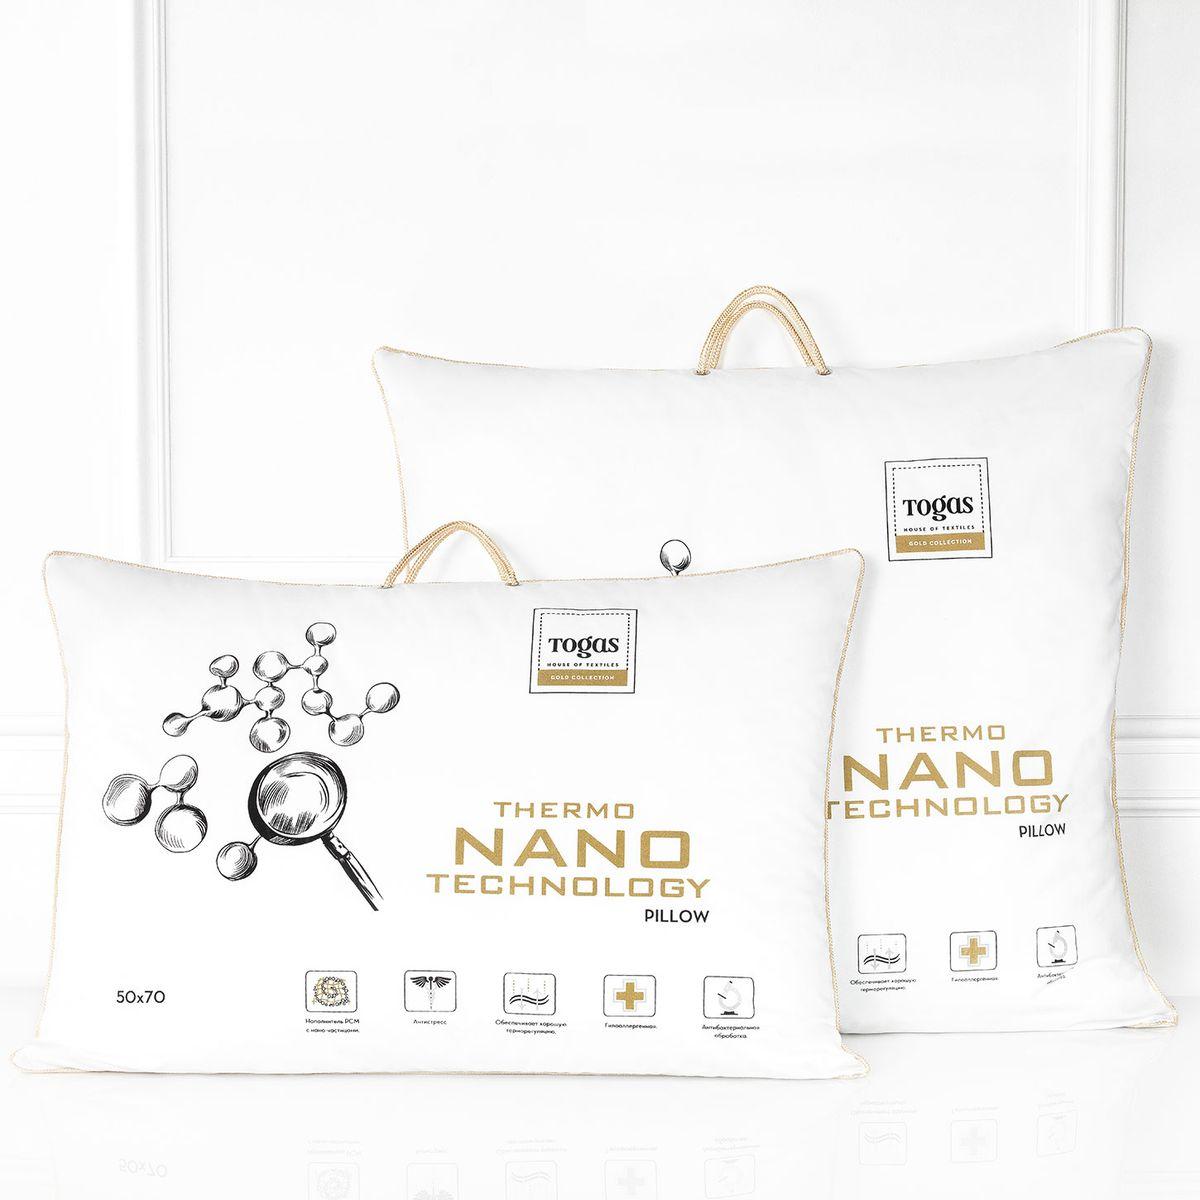 """Подушка Нано микрофайбер с микрокапсулами нано. 20.05.18.001020.05.18.0010Комфортная темпетатура тела во время сна - важная составляющая комфорта. В идеальных условиях тело расслабляется и по-настоящему отдыхает, как результат - Вы просыпаетесь отдохнувшим и бодрым, готовым к новым свершениям. накоплению усталости и стрессам. Чтобы этого избежать, правильно выбирайте постельные принадлежности. """"Микрофайбер с микрогранулами НАНО"""" - подушка с """"климатконтролем"""". Она «подстраивается» под различные температурные условия, регулируя температуру тела во время сна, наполняя Вас ощущением легкости и комфорта."""